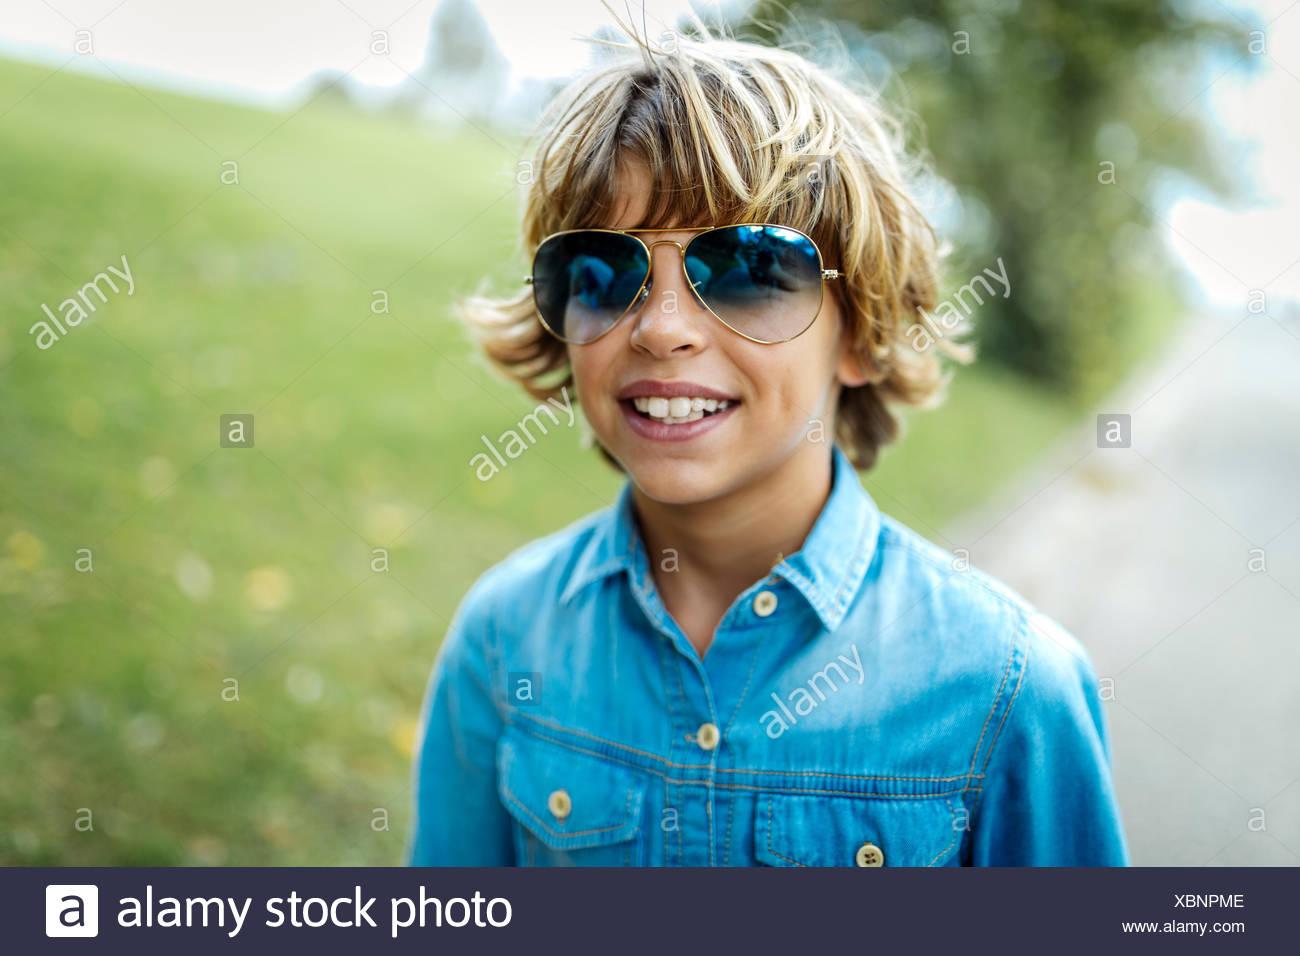 Porträt der Blondschopf tragen farbige Sonnenbrillen und Jeanshemd Stockbild